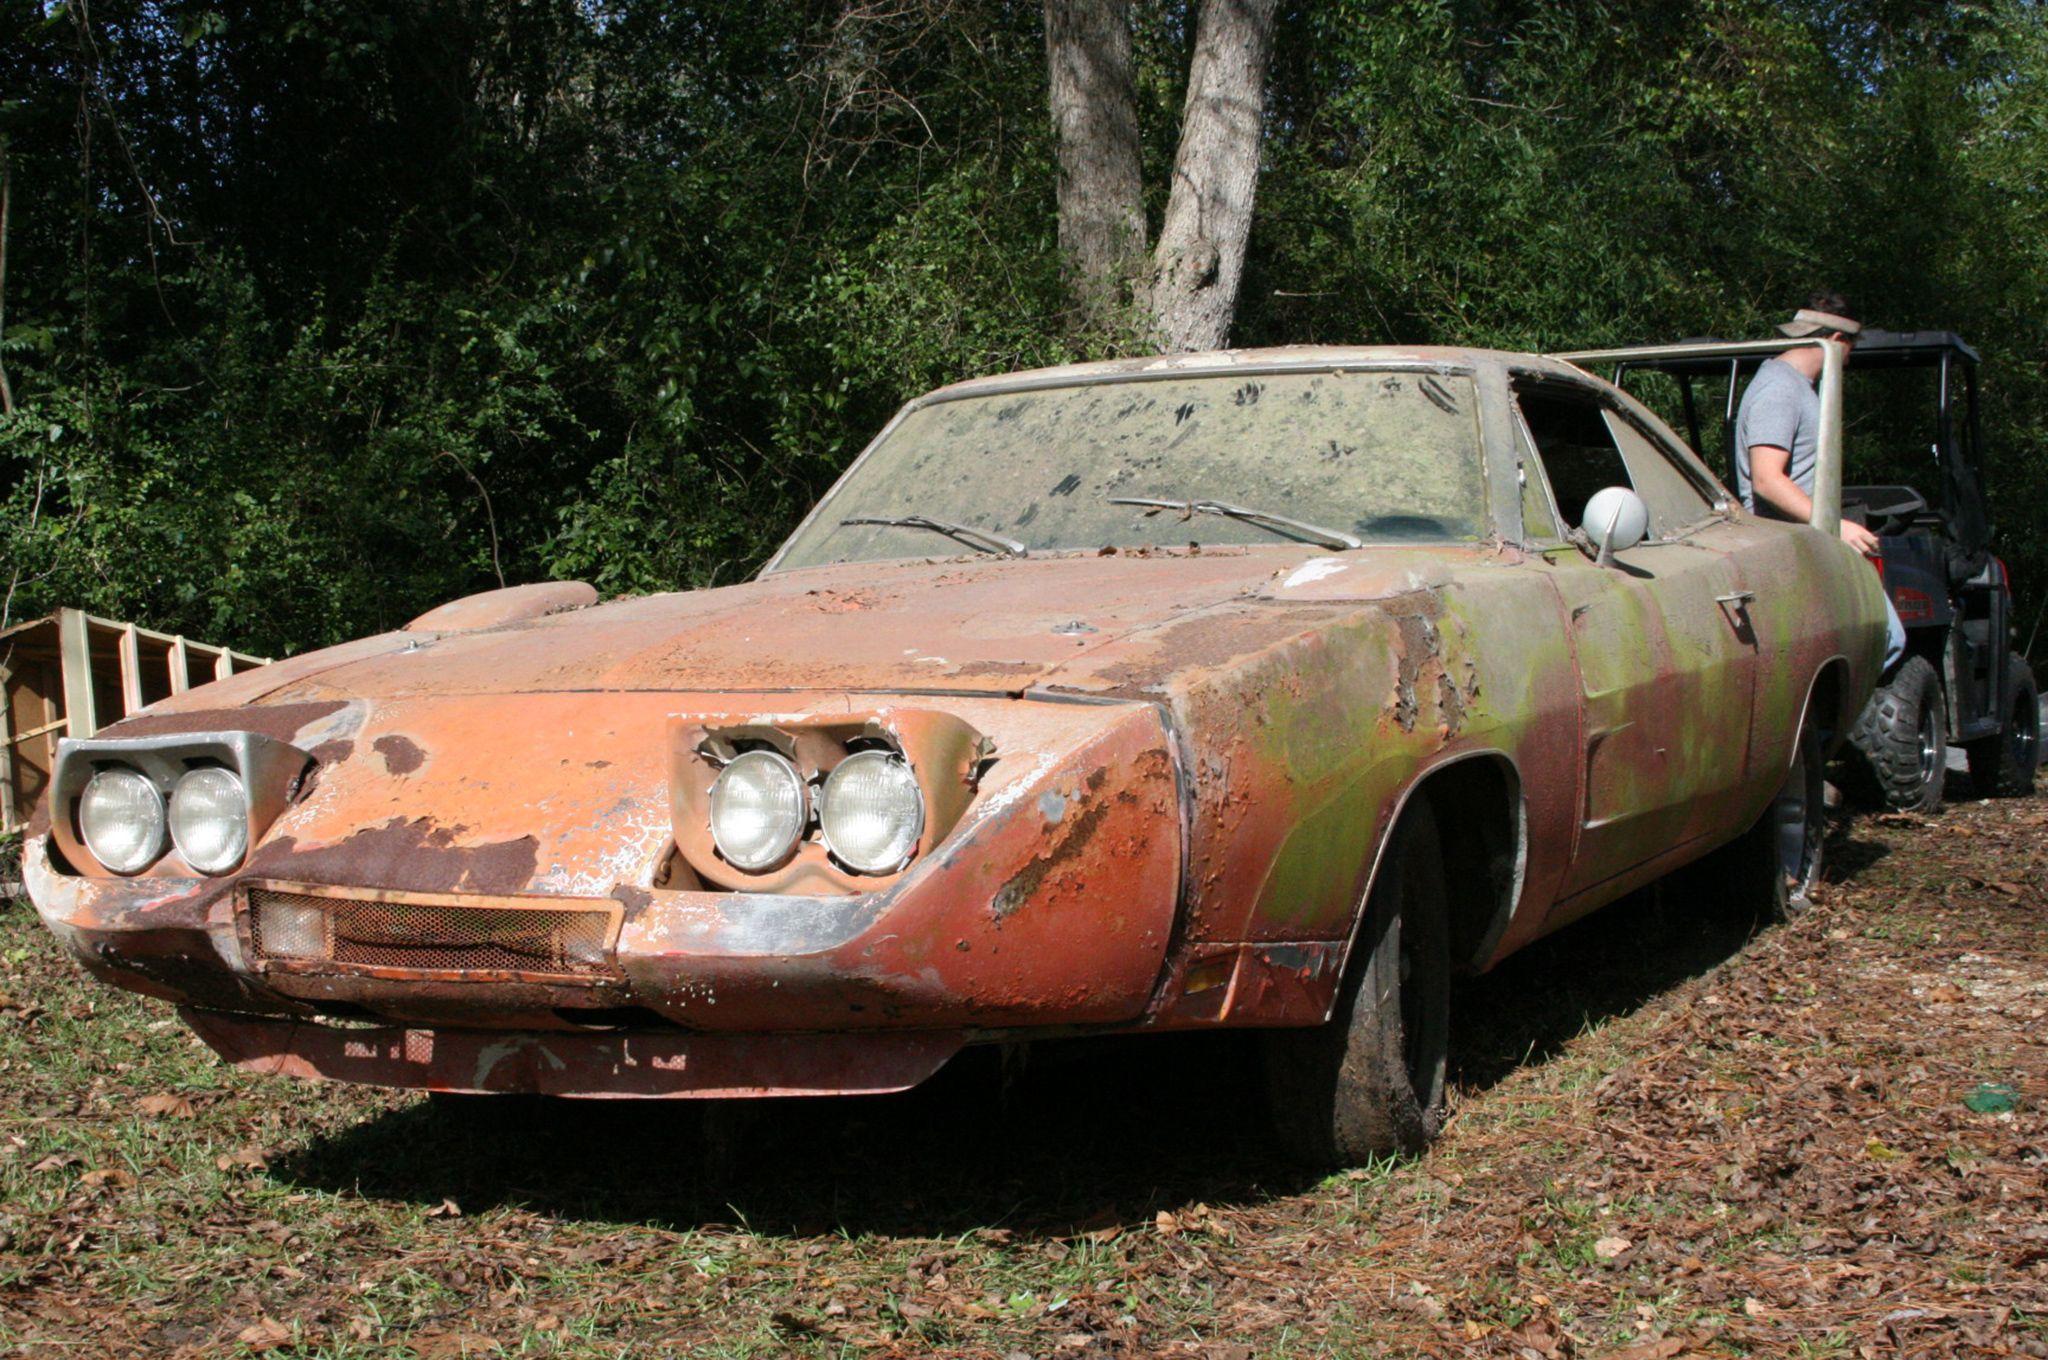 Decrepit Barn Find 1969 Dodge Charger Daytona To Be